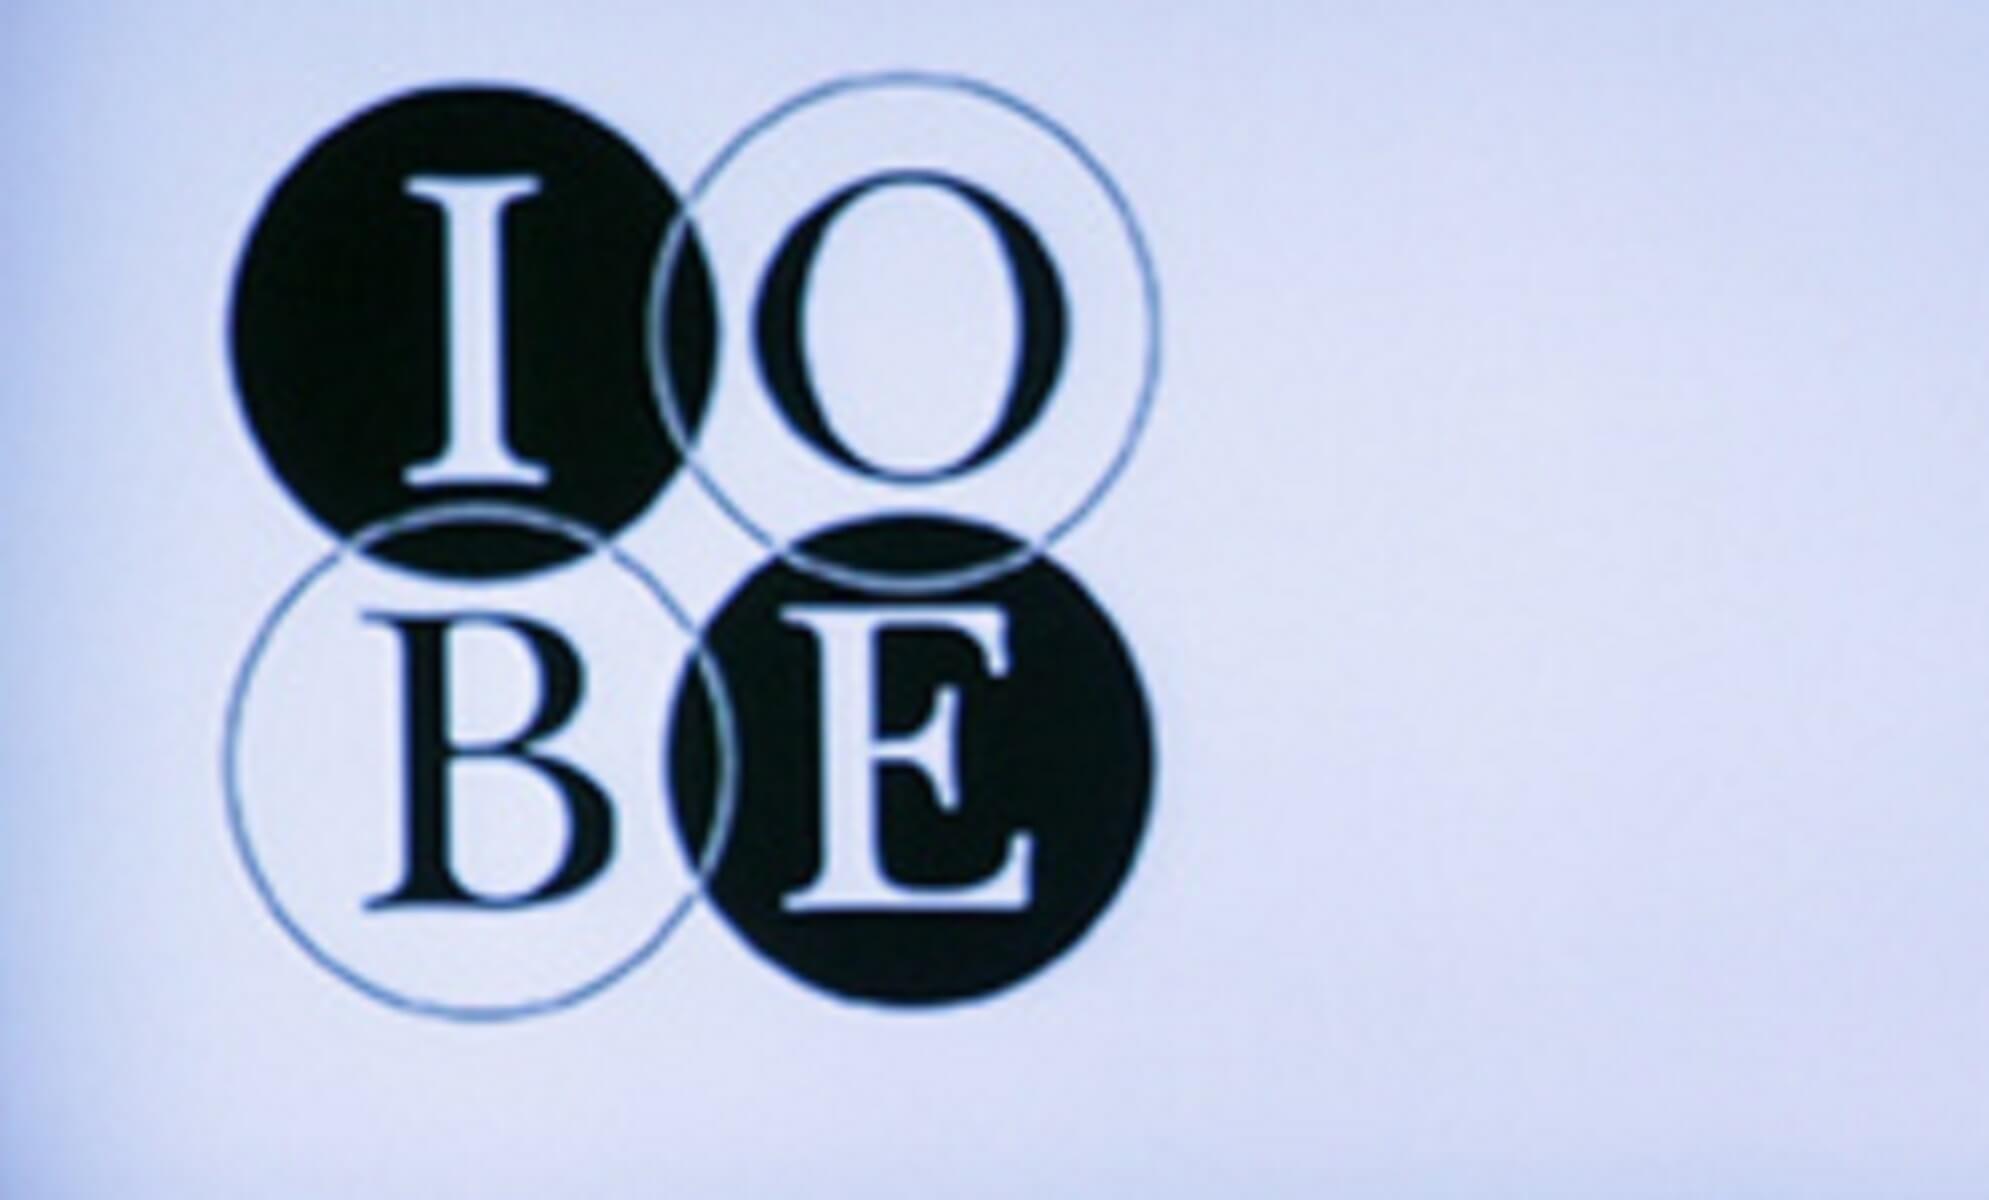 ΙΟΒΕ: Ανάκαμψη του Δείκτη Οικονομικού Κλίματος τον Φεβρουάριο